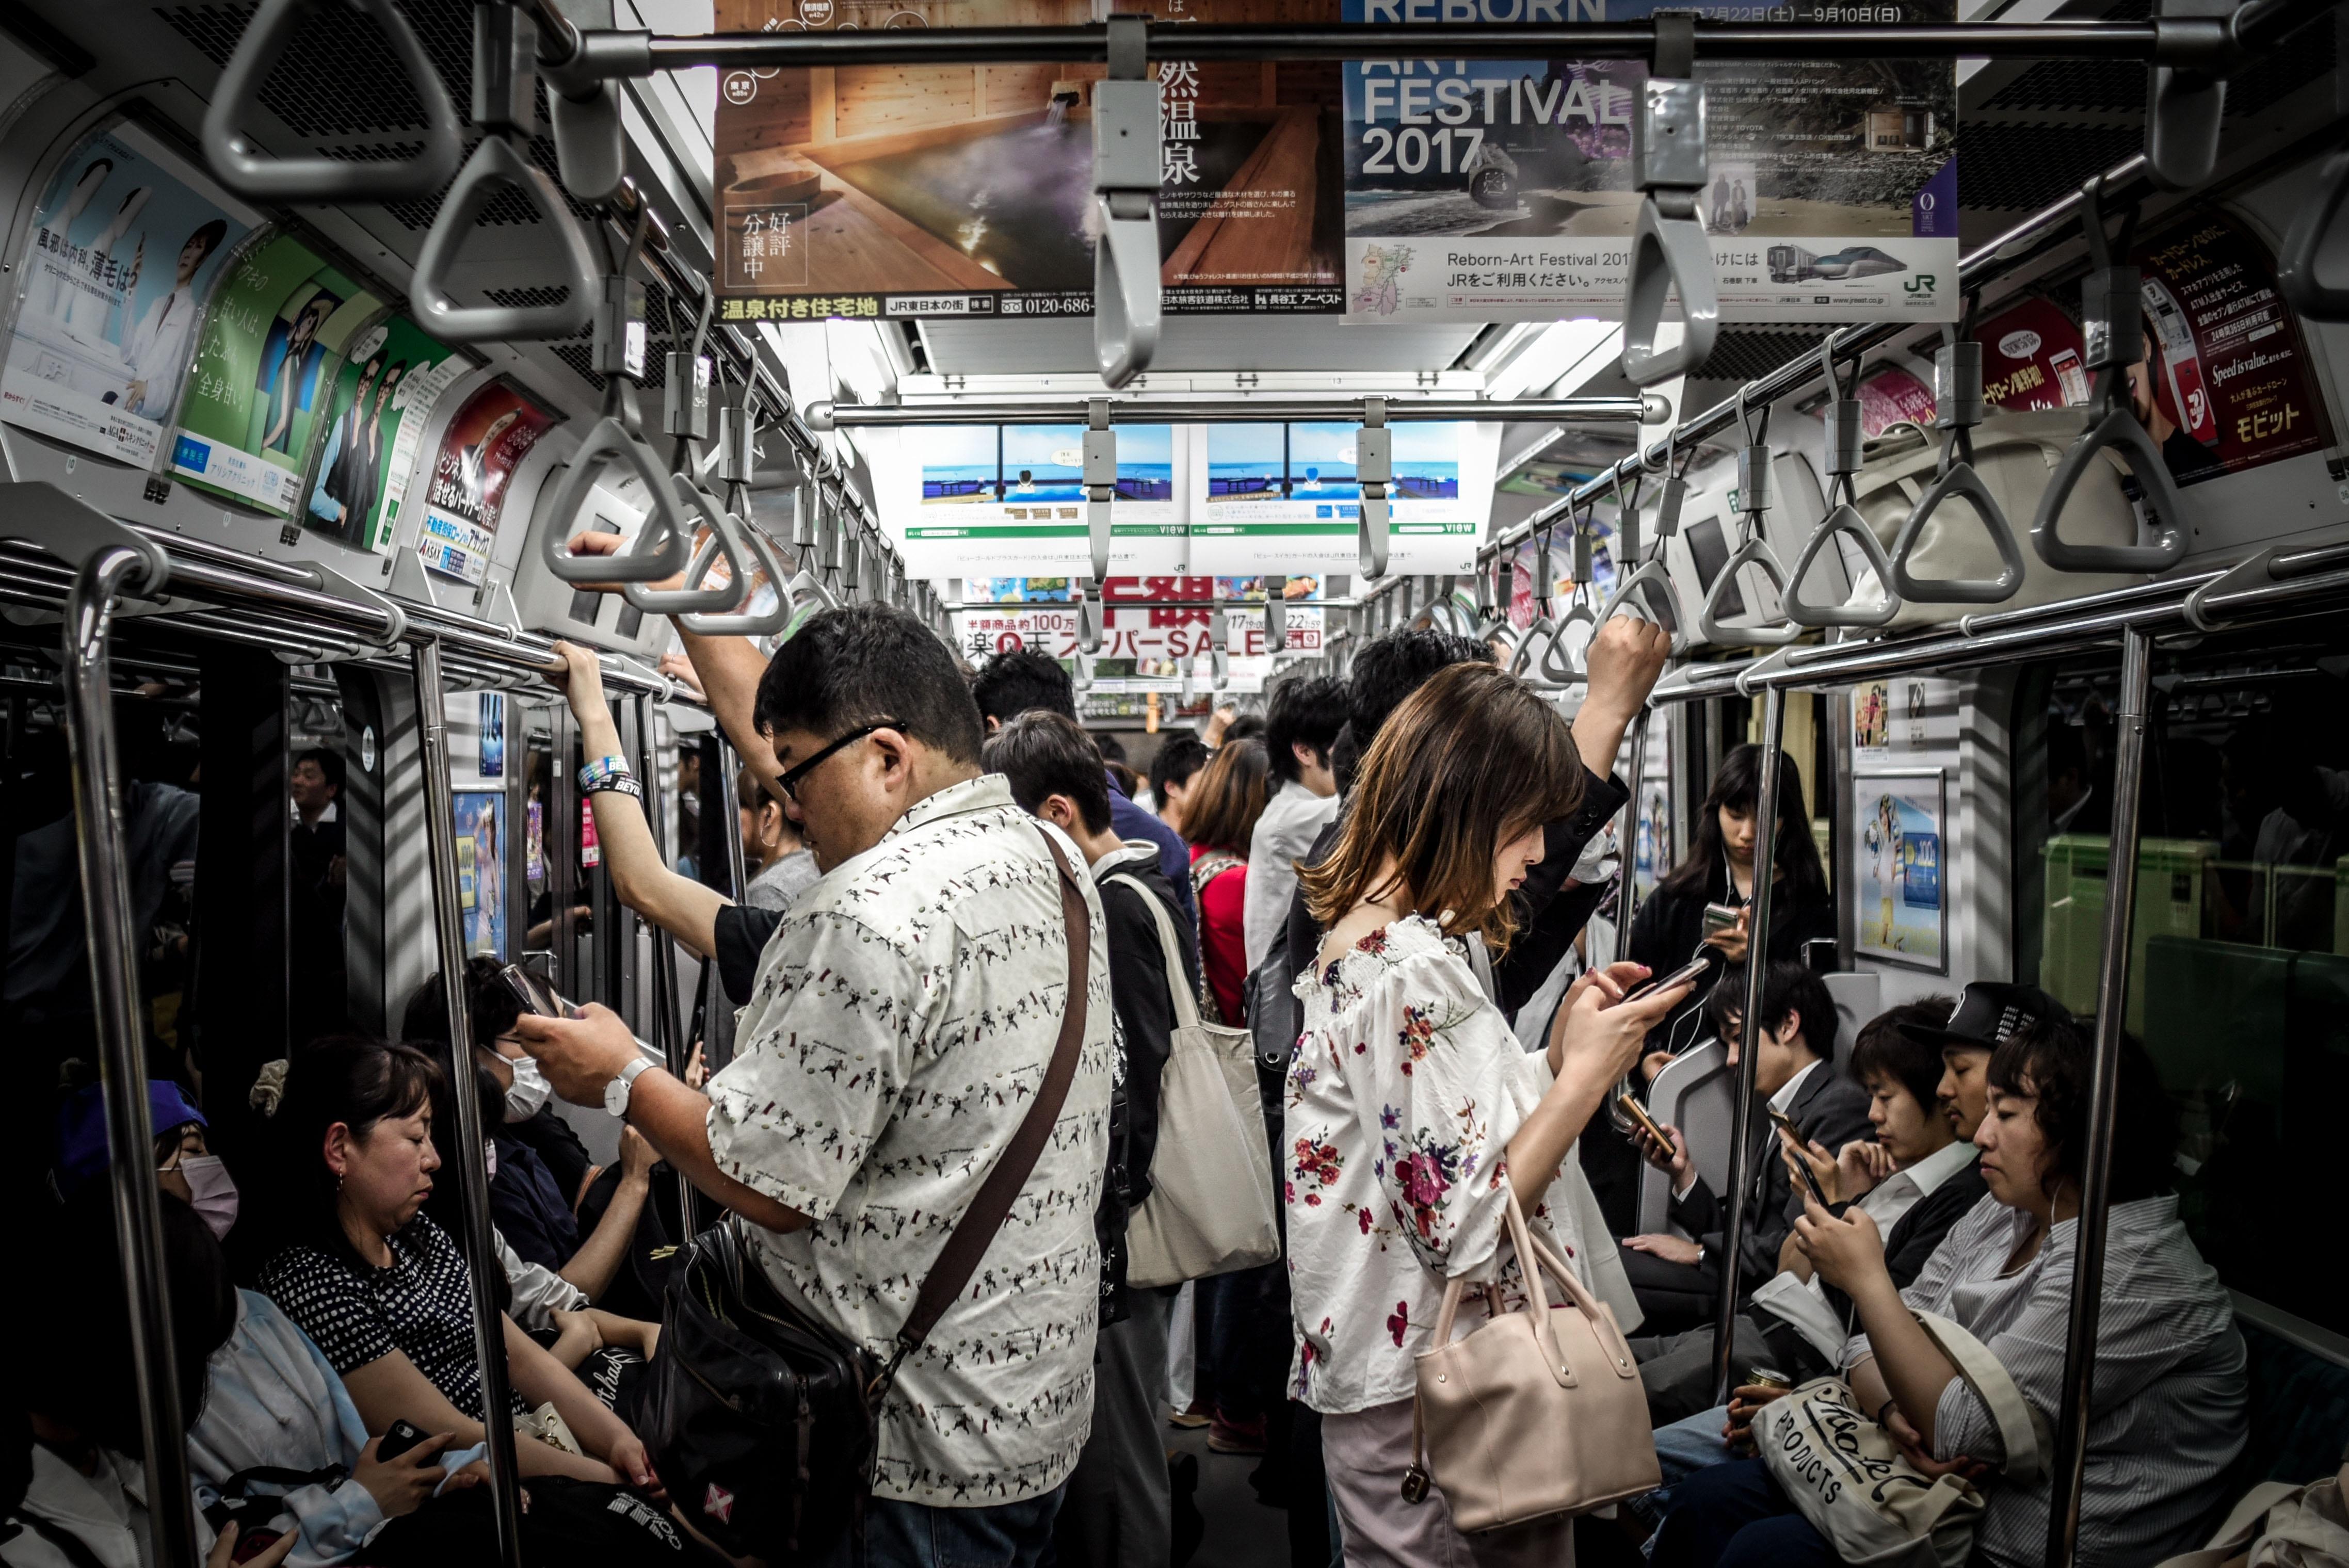 Yuk! Pelajari Etika Naik Kereta di Jepang image